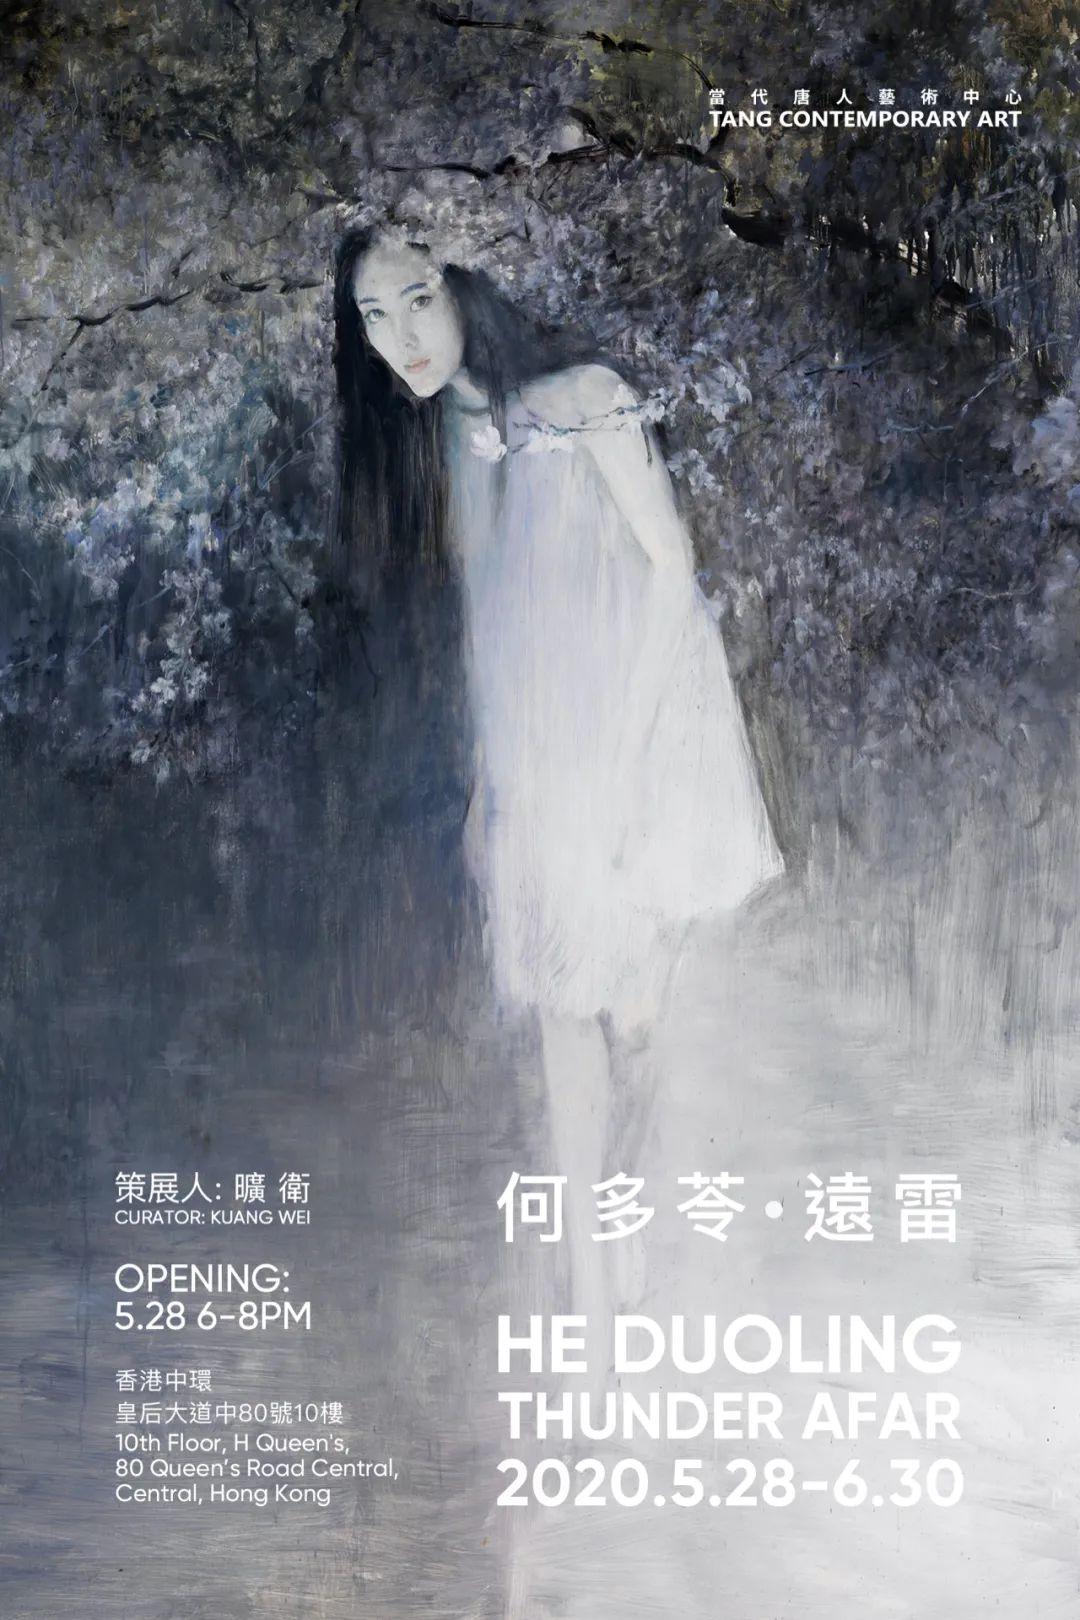 何多苓个展「远雷」 5月28日开幕插图